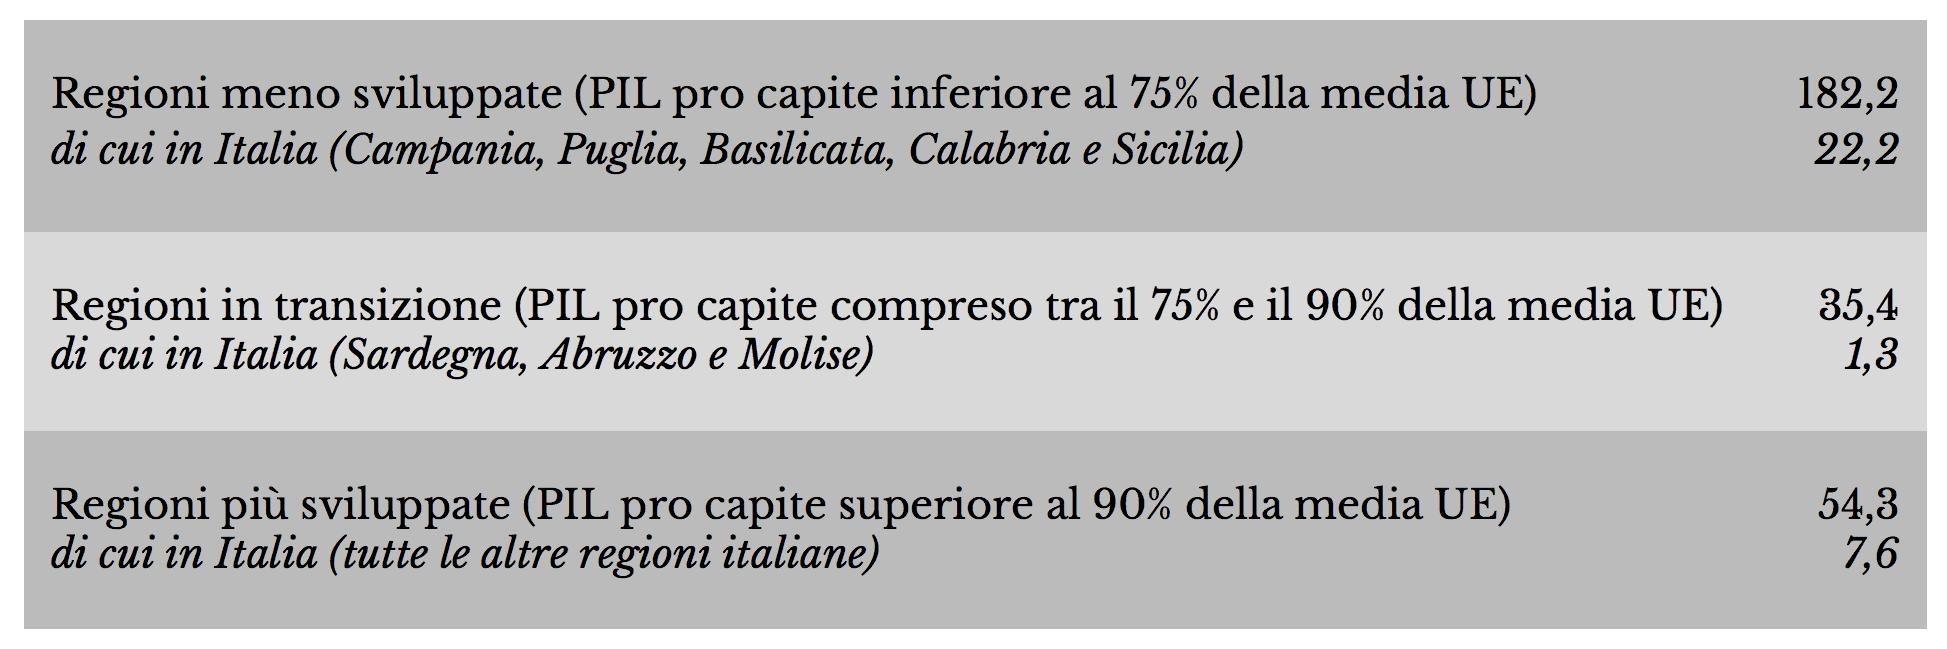 tabella-2-2